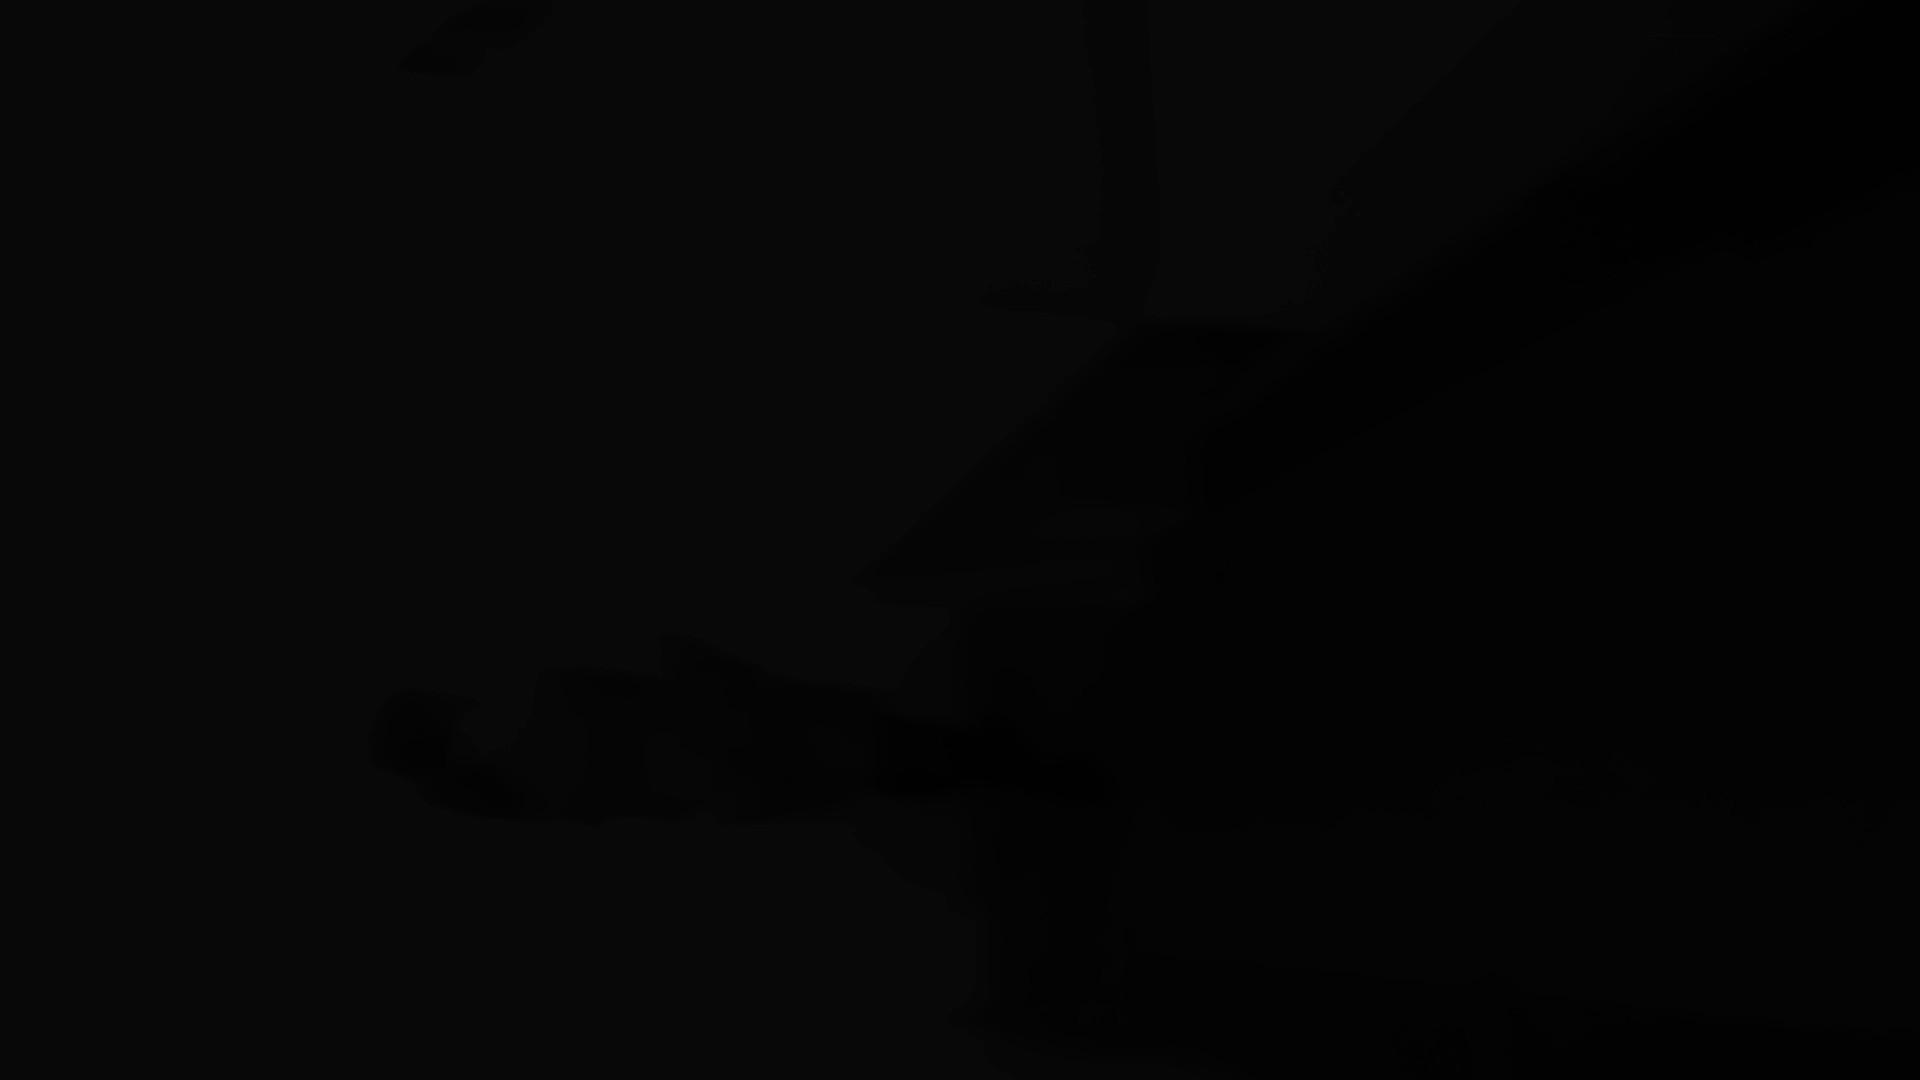 芸術大学ガチ潜入盗撮 JD盗撮 美女の洗面所の秘密 Vol.98 高画質 濡れ場動画紹介 48画像 19